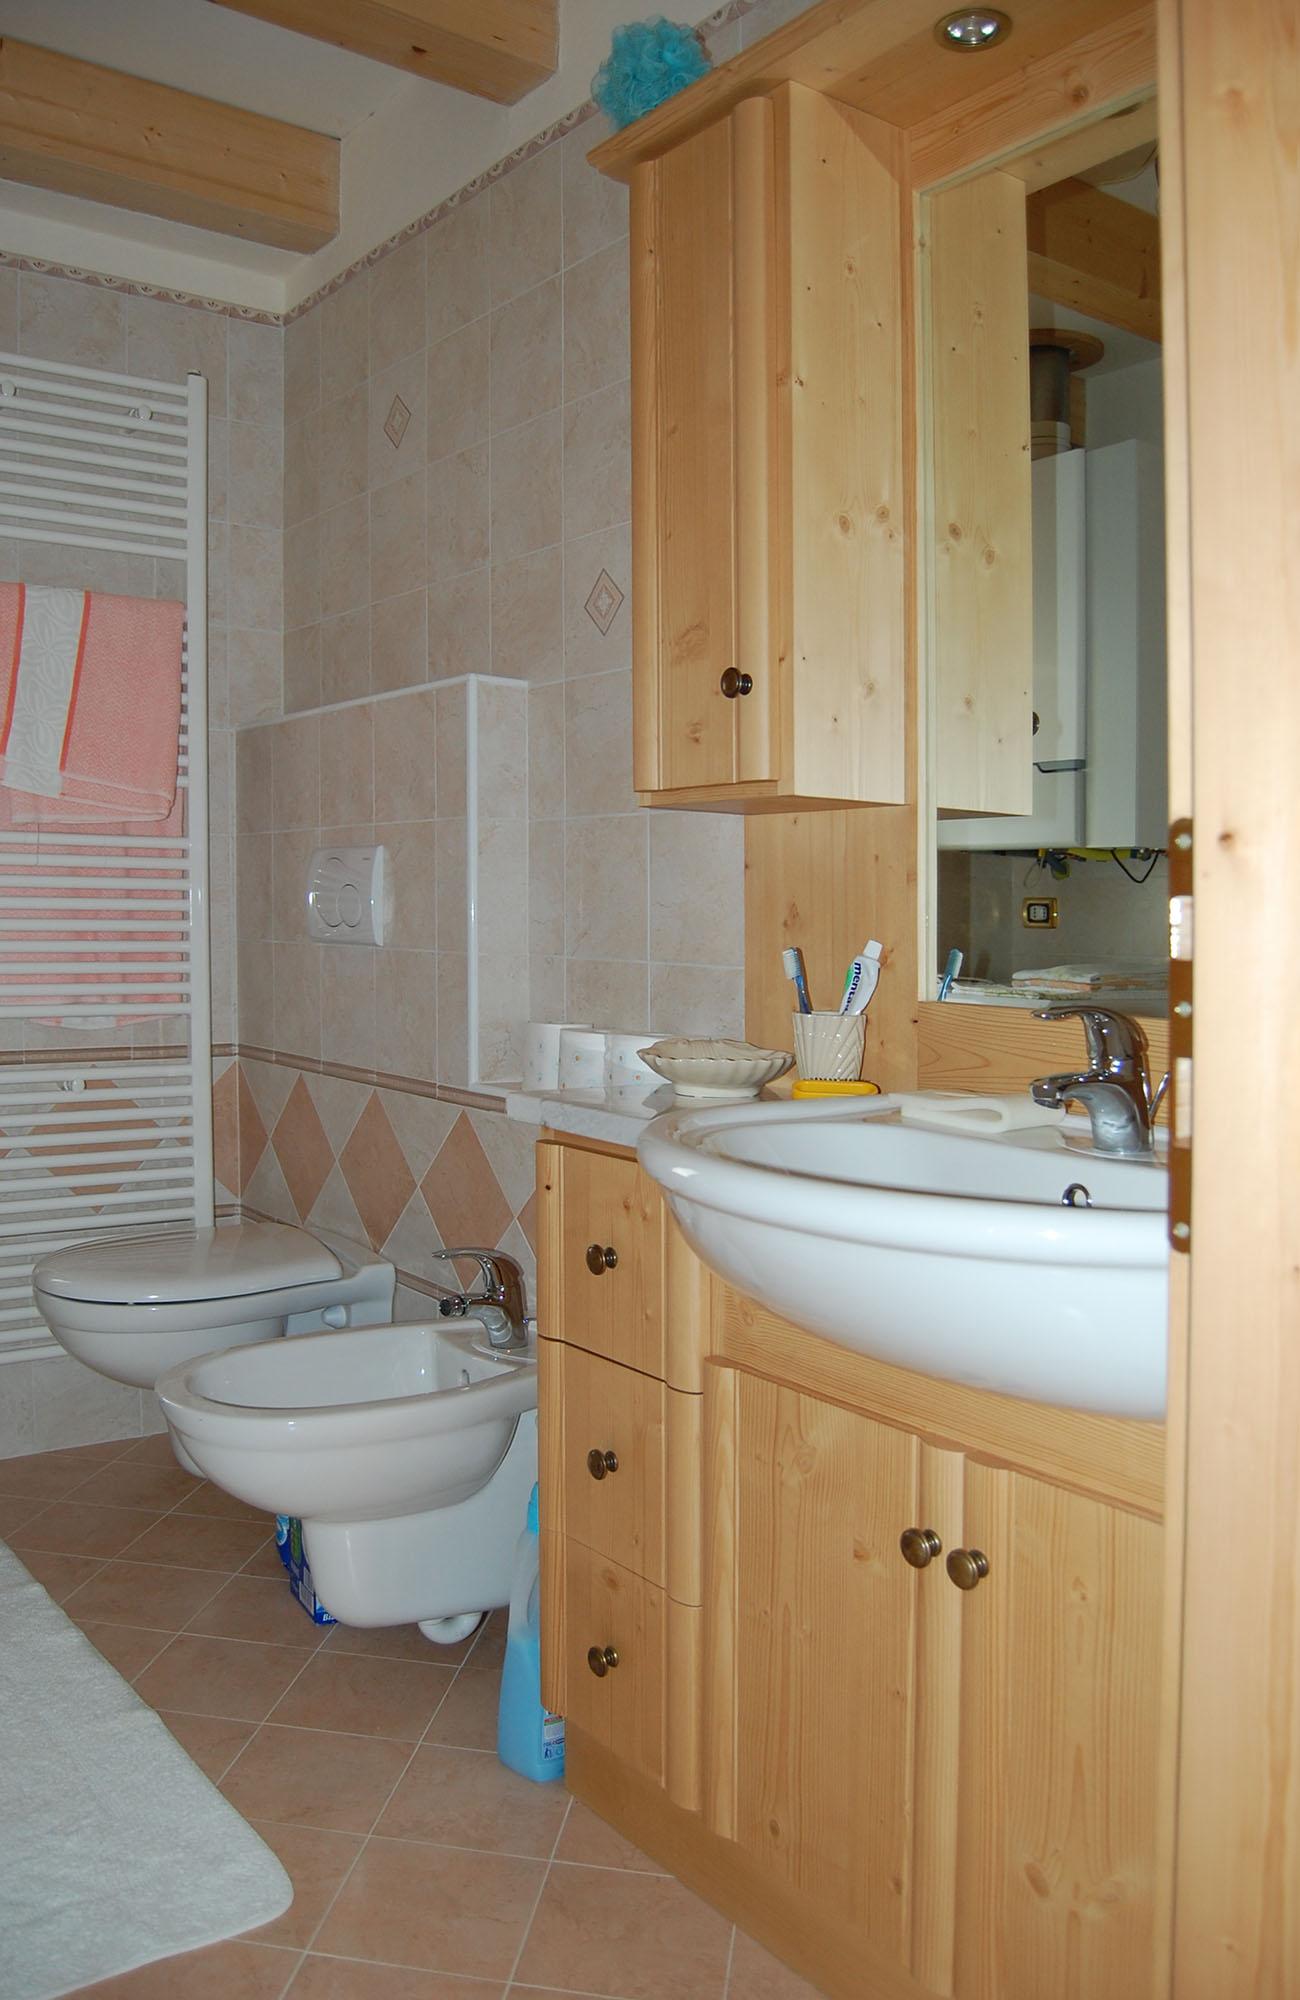 Arredo in legno da bagno con mobili su misura - Mobili da bagno su misura ...